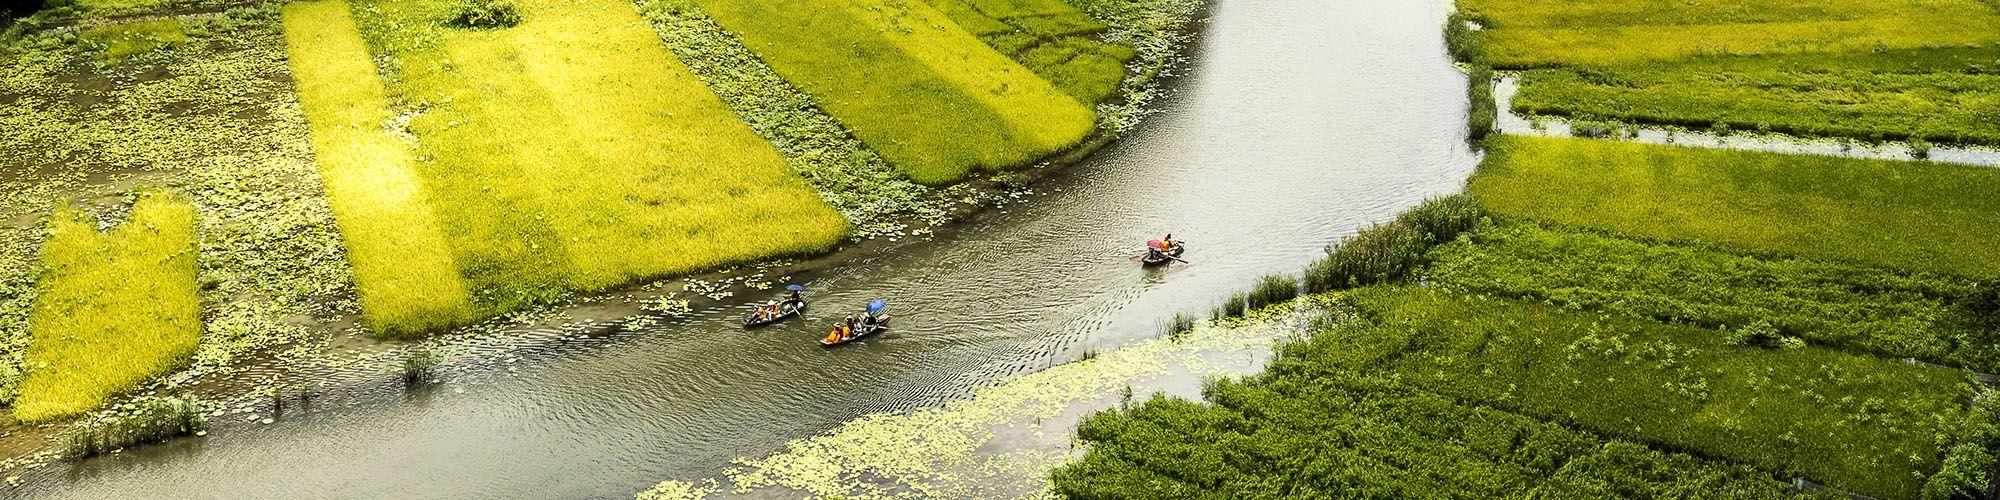 Vietnam, Province, Ninh Binh, Vietnam